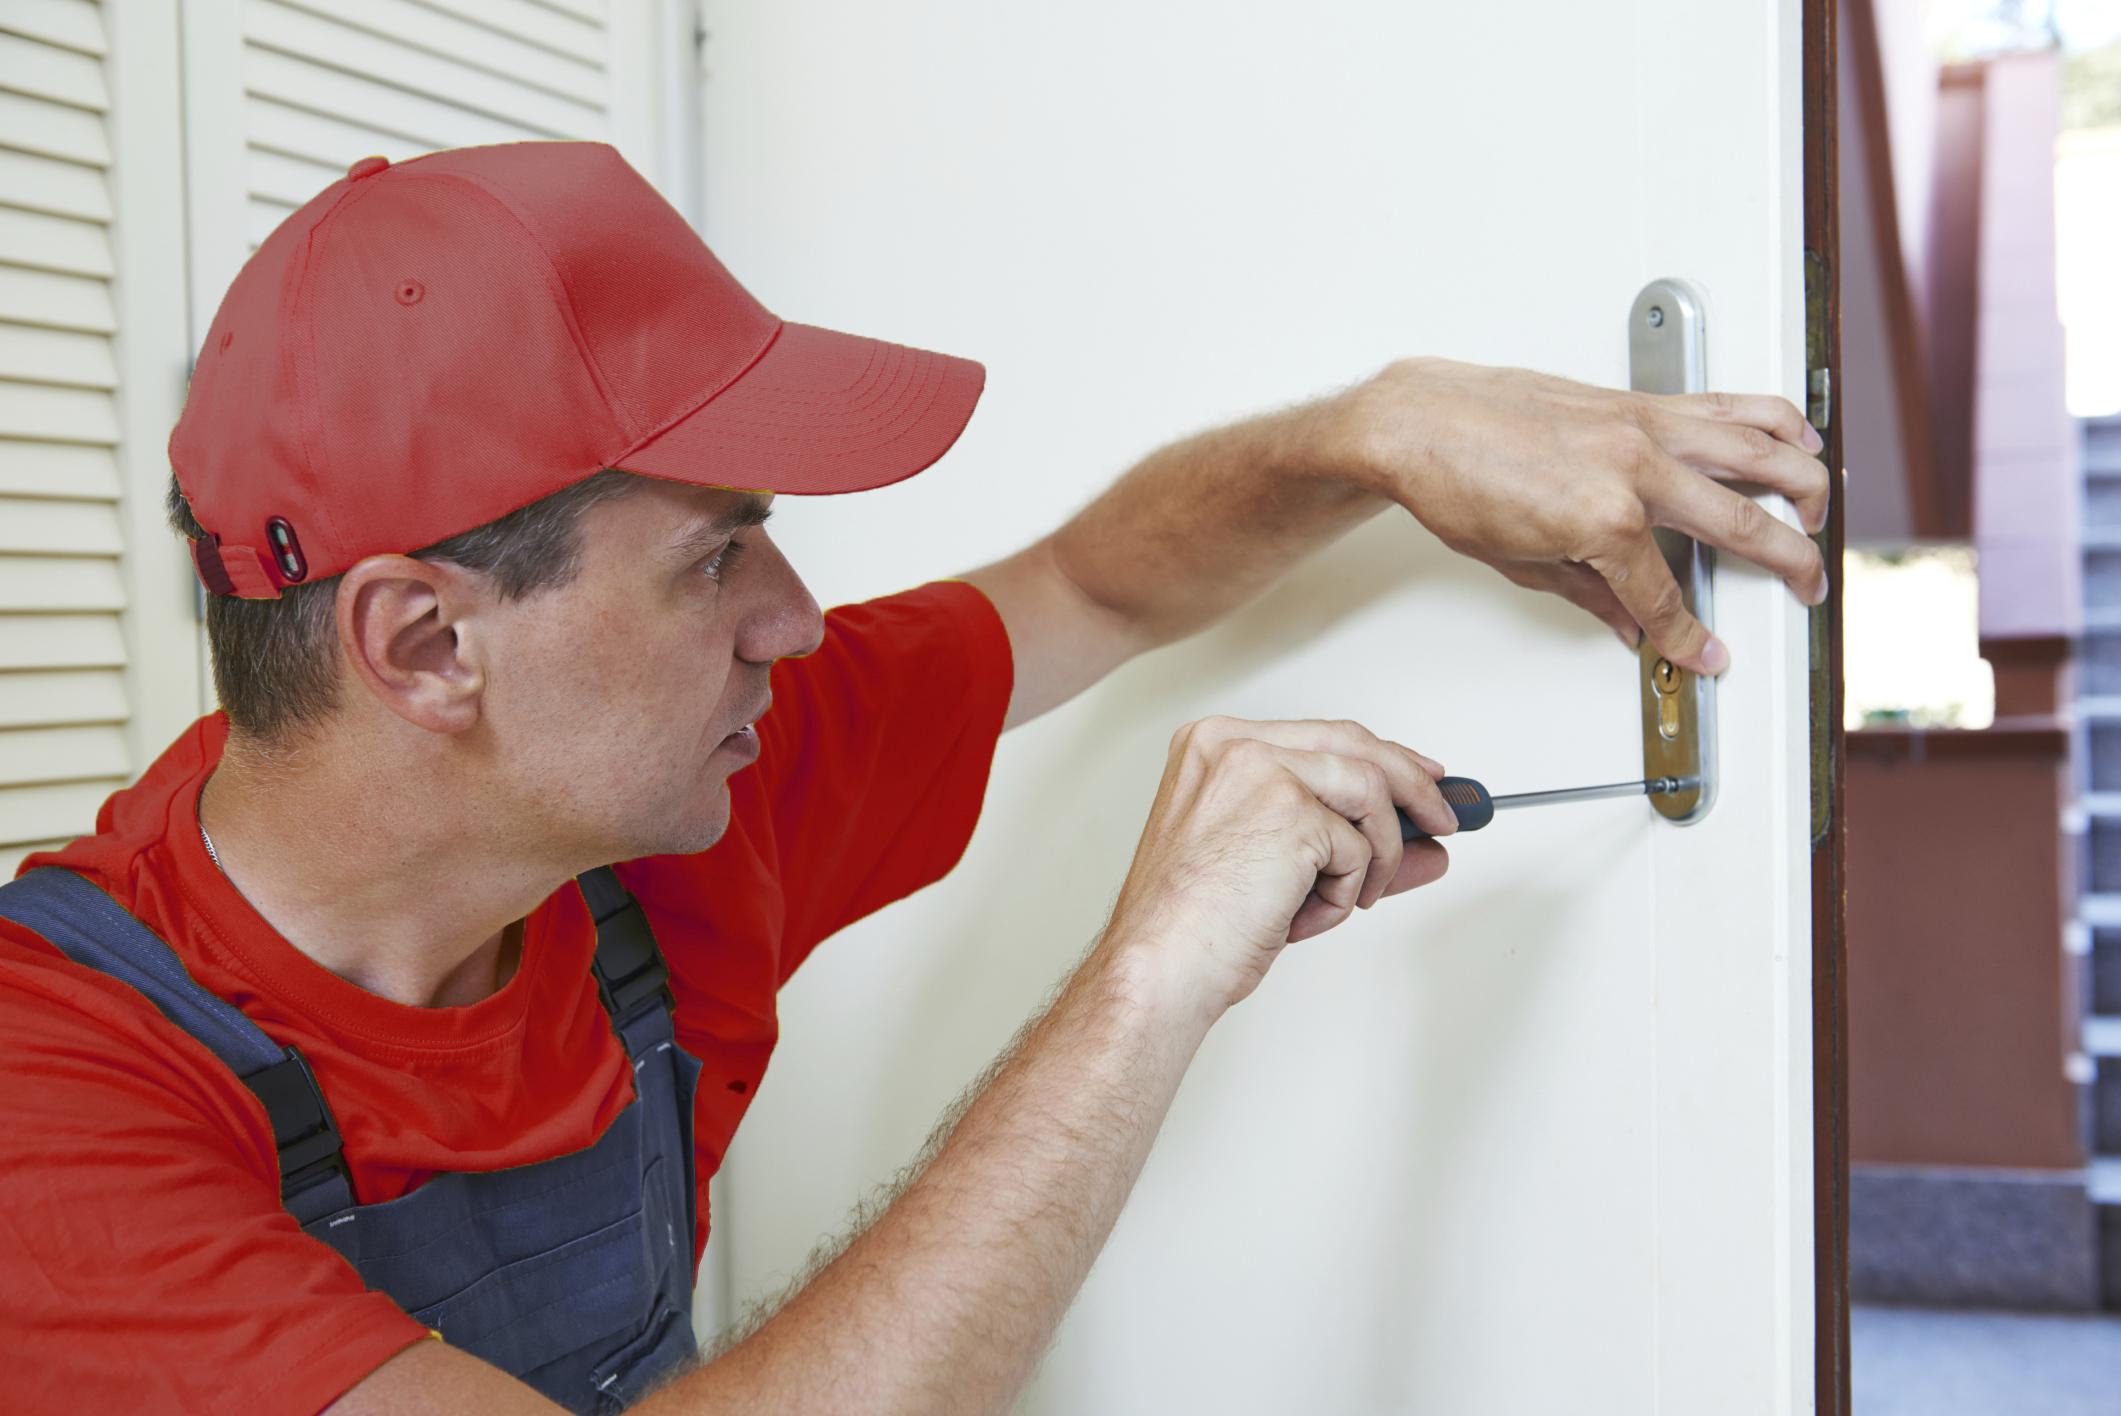 Mobile Residential Locksmiths